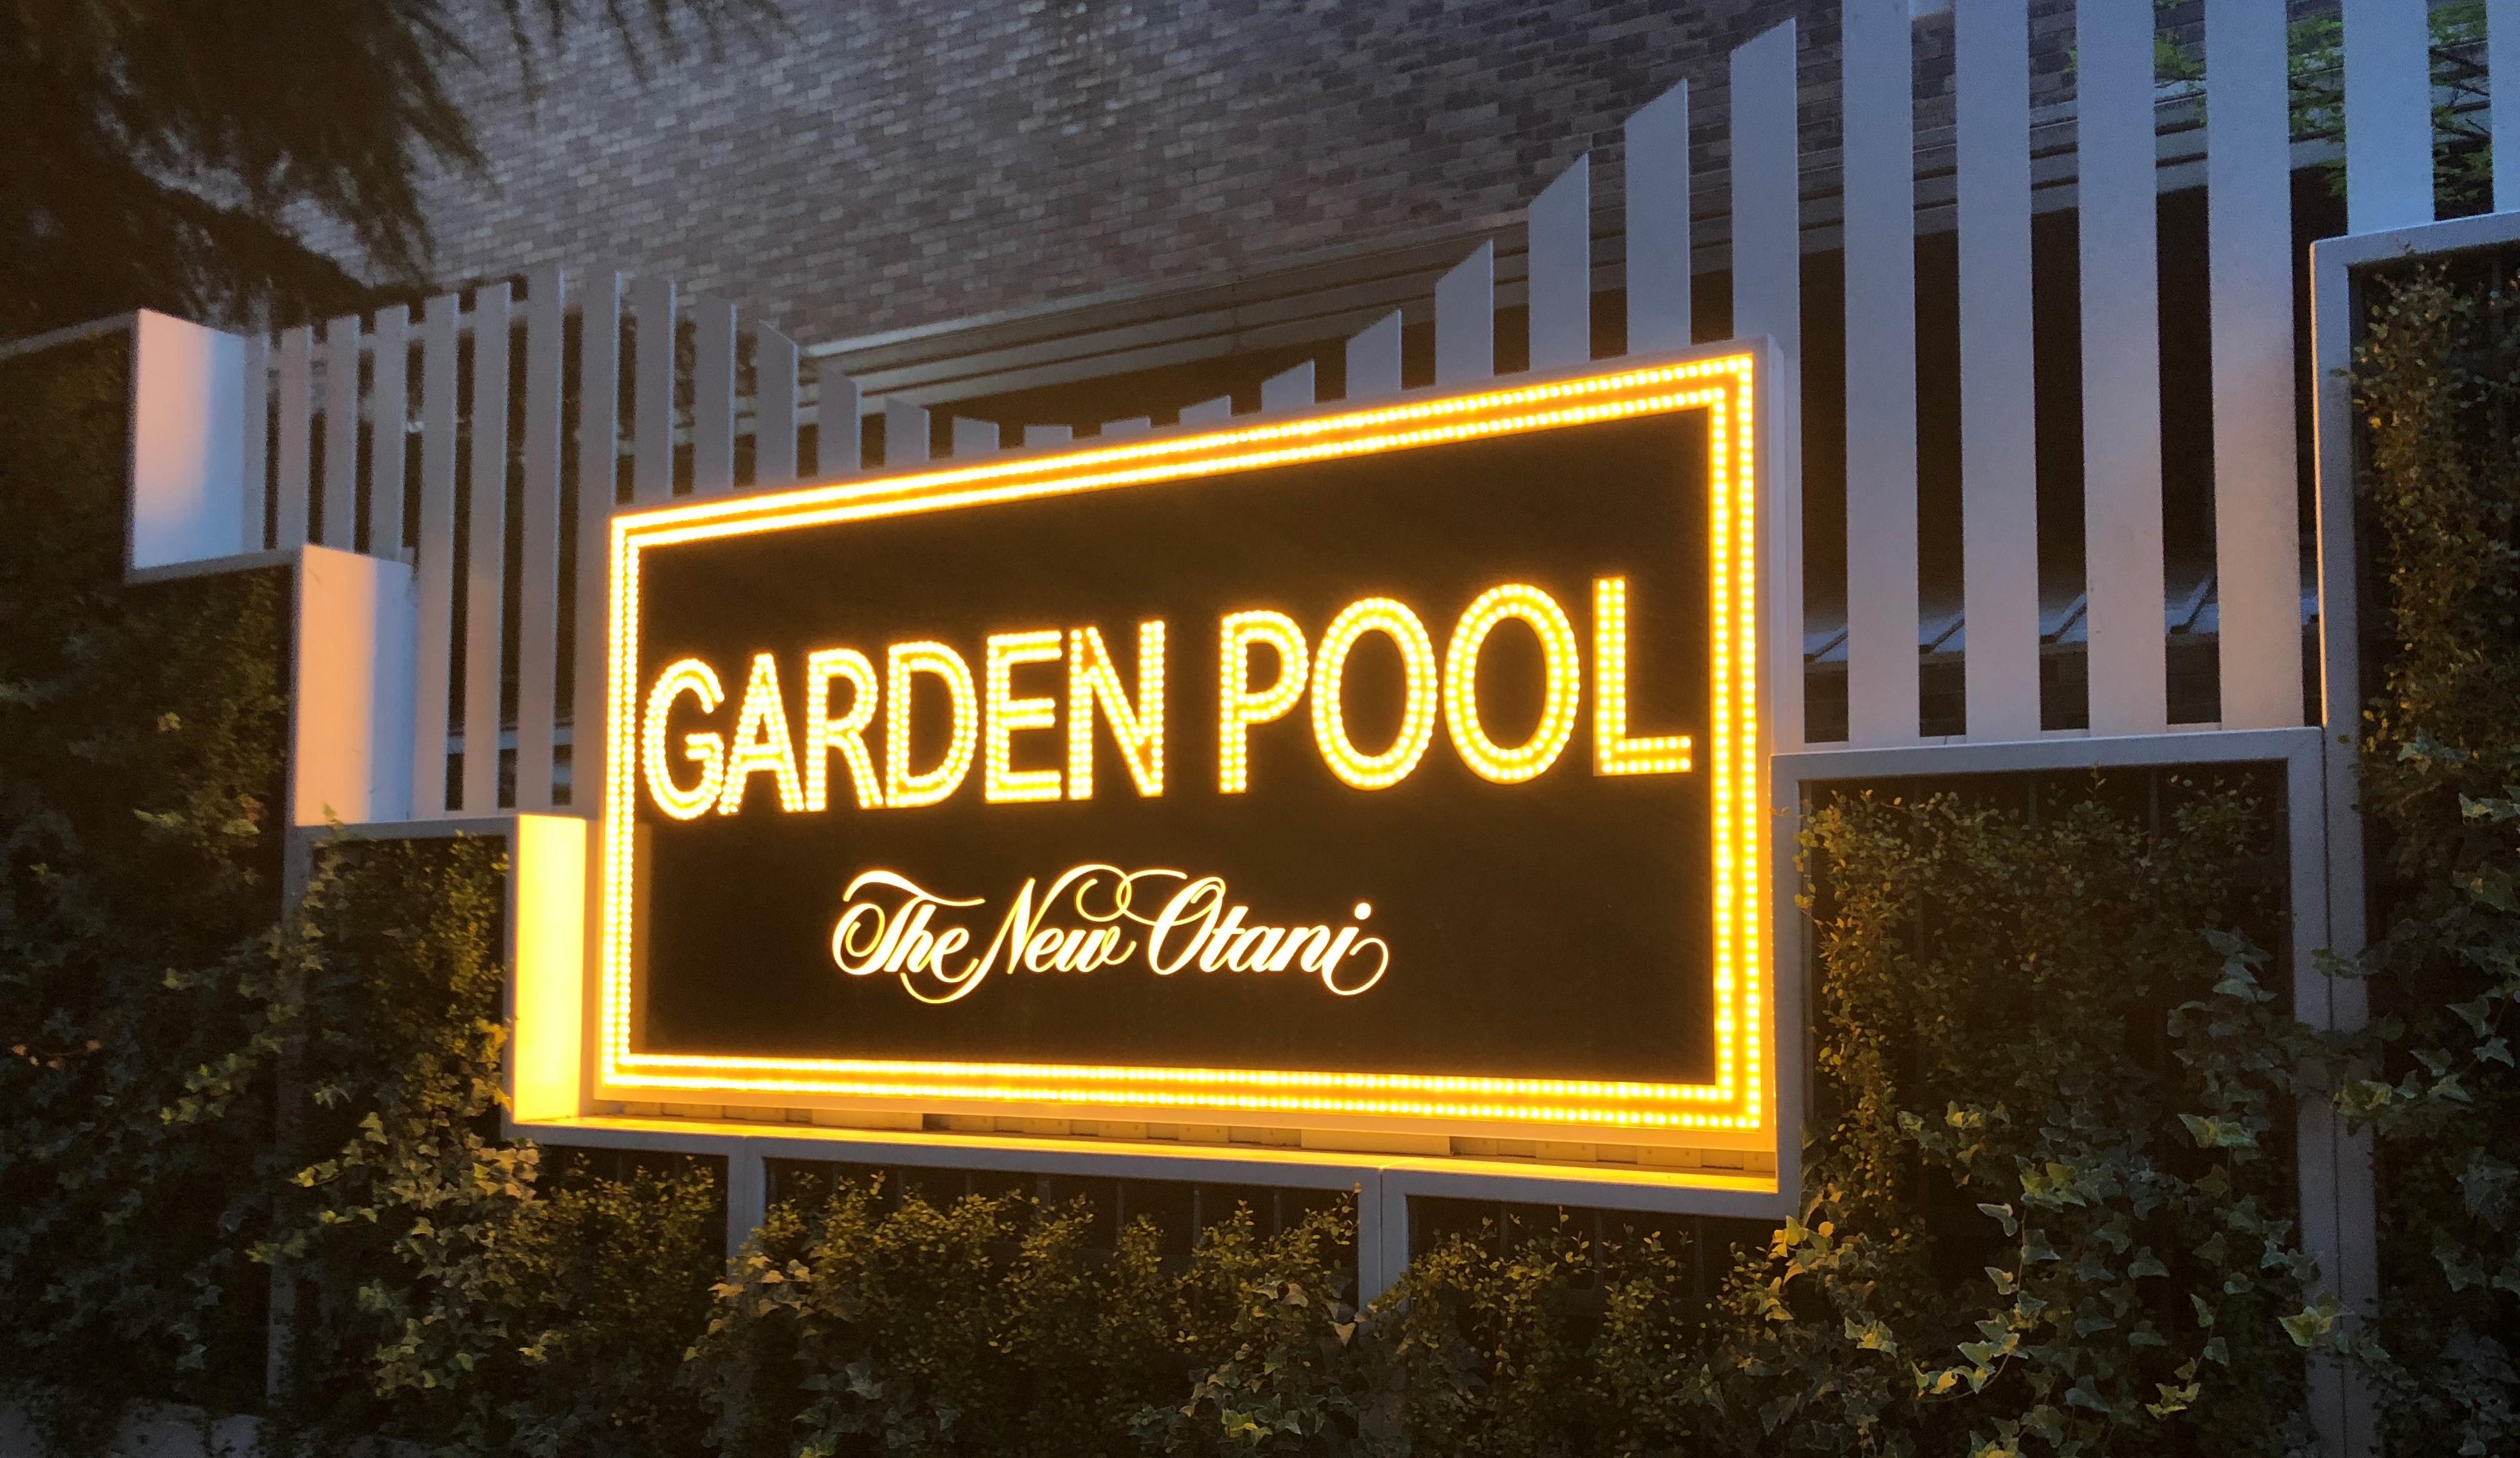 贅沢で非日常な夜を☆東京『ホテルニューオータニ』のナイトプールに行ってきた感想や持ち物をご紹介します!